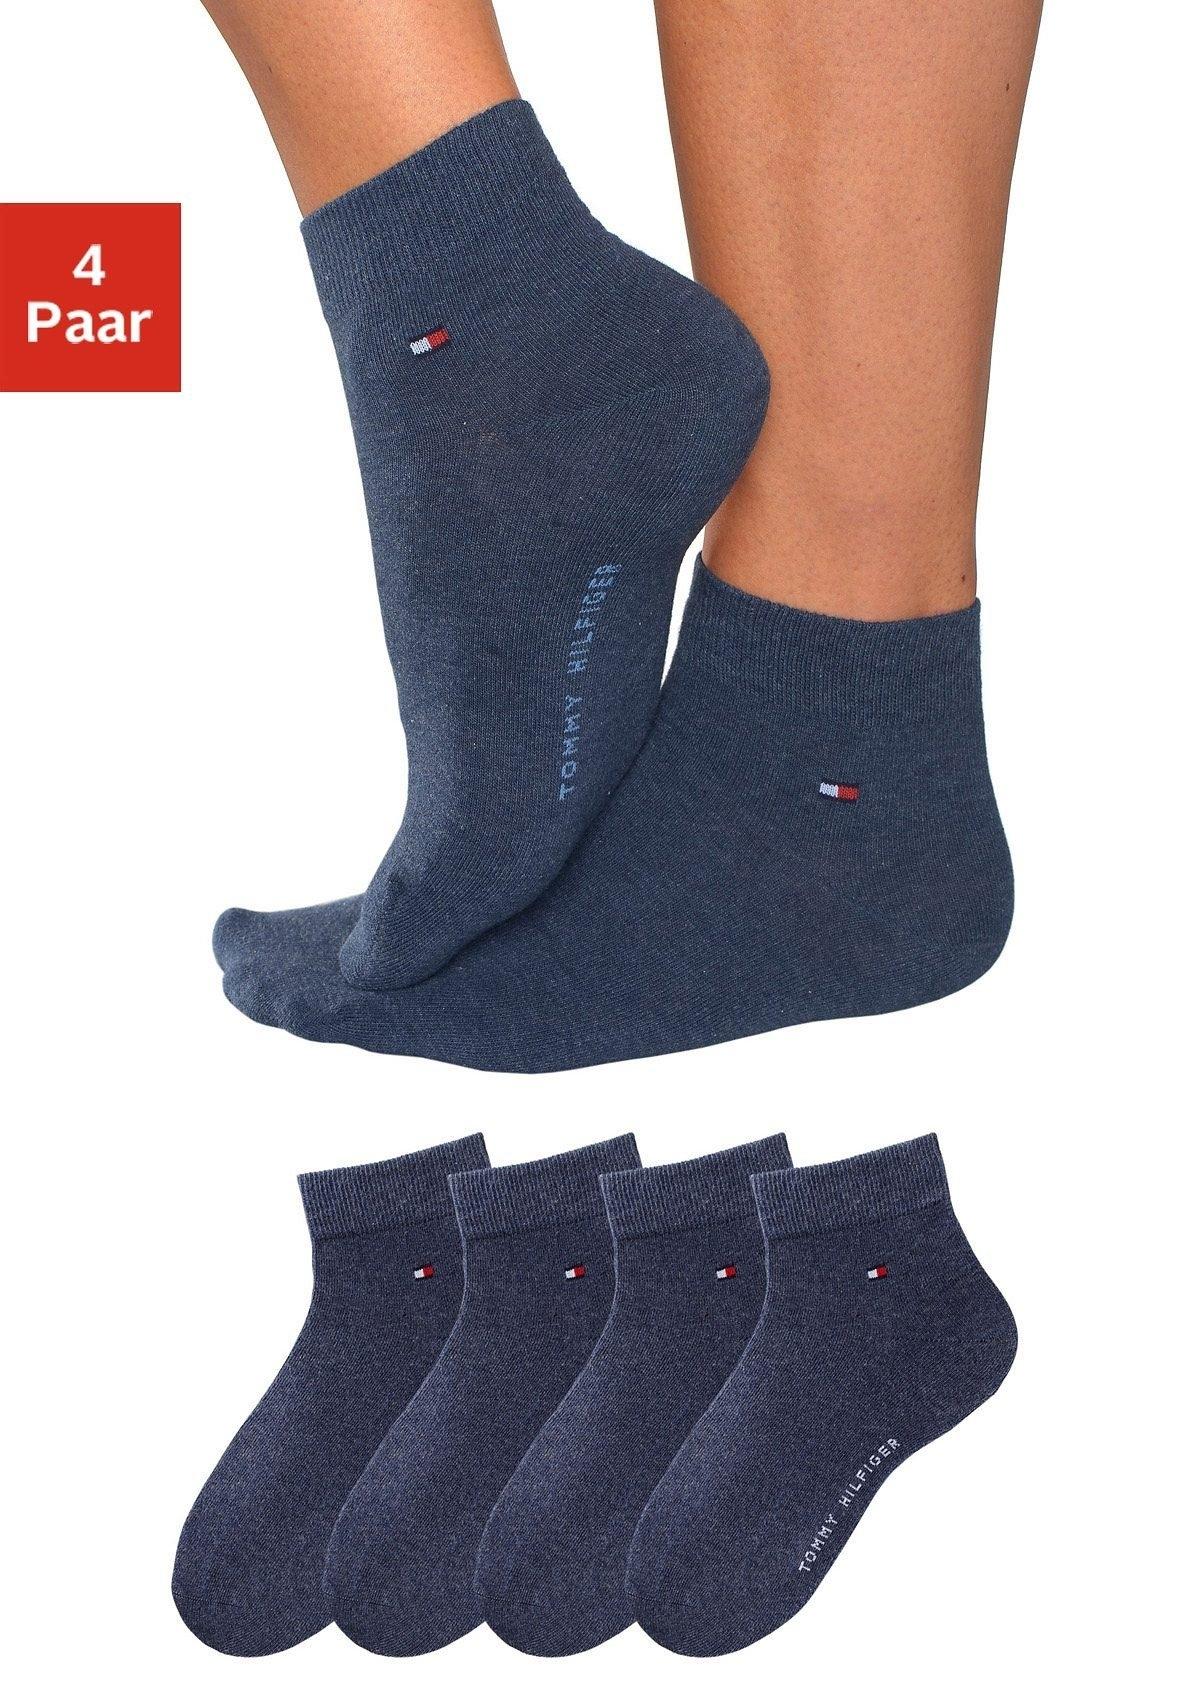 Tommy Hilfiger korte sokken (set van 4 paar) in luxueuze katoenkwaliteit - gratis ruilen op lascana.nl